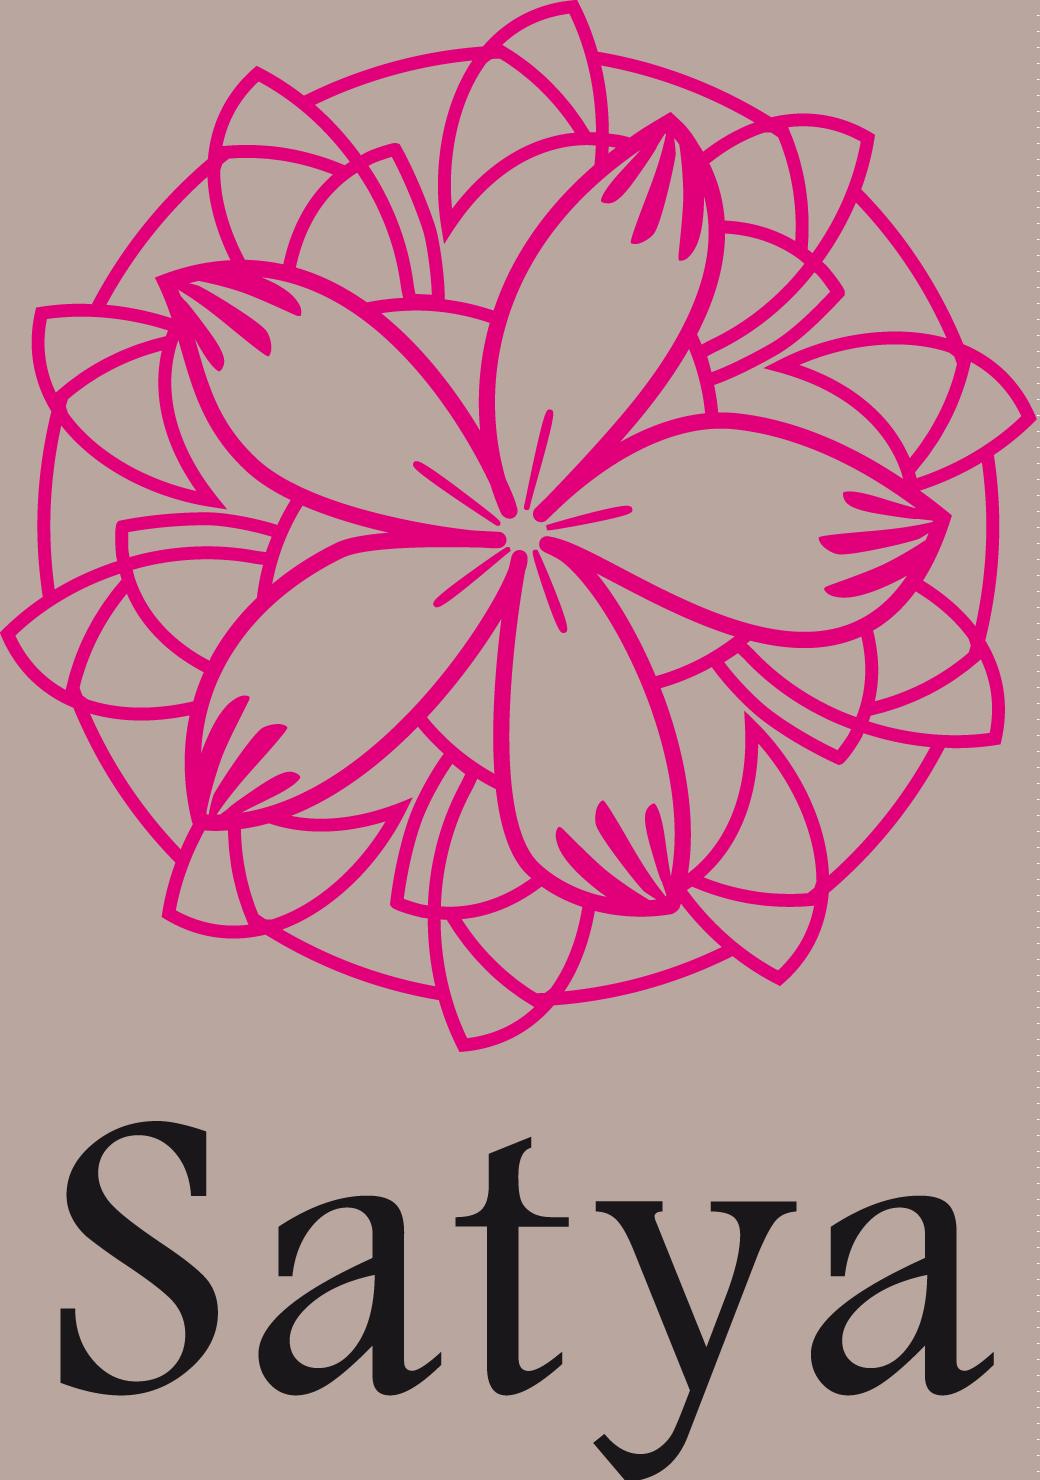 Institut Satya